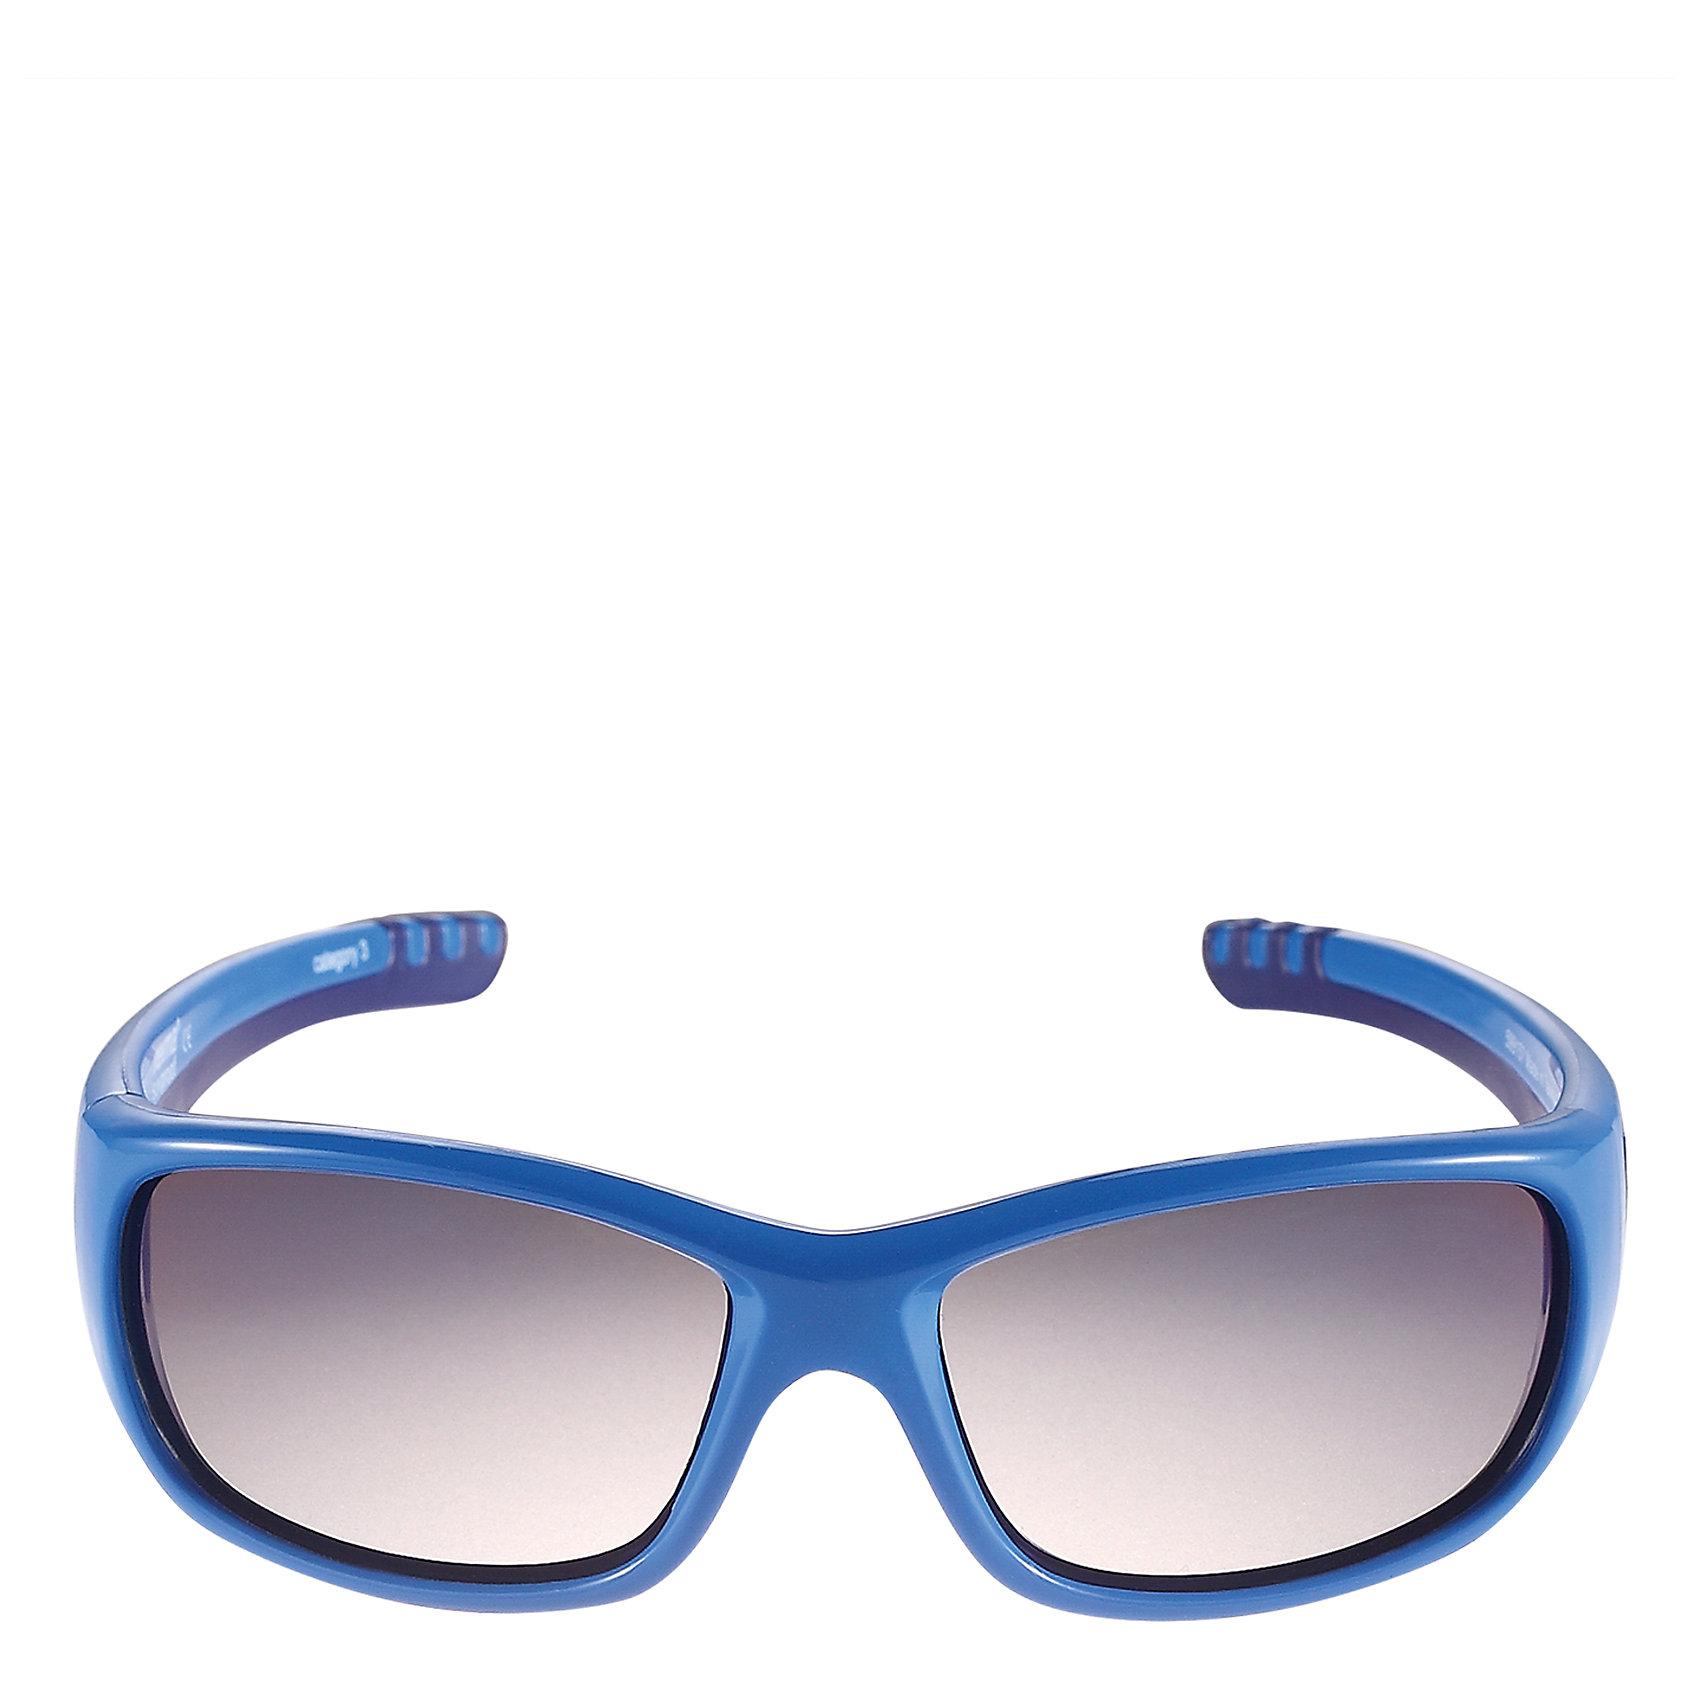 Солнцезащитные очки Sereno ReimaХарактеристики товара:<br><br>• цвет: синий<br>• состав: оправа - TPEE/TPR/TR90/Резина, линзы - PC<br>• рекомендовано для детей 4-6 лет<br>• 3 степень УФА + УФВ защиты<br>• поляризованные зеркальные линзы<br>• обработка противотуманным покрытием<br>• мягкая и эластичная оправа <br>• защитный чехол в комплекте<br>• европейский сертификат соответствия<br>• защита от ультрафиолетовых лучей спектра A и спектра B класса 5<br>• страна производства: Китай<br>• страна бренда: Финляндия<br>• коллекция: весна-лето 2017<br><br>Специальные очки помогут уберечь глаза детей от повреждения прямыми солнечными лучами. Эта модель разрабатывалась для малышей - у неё мягкая оправа с очень комфортной посадкой, зеркальные линзы со специальной обработкой, есть защитный чехол. Очки не только хорошо проработаны, они стильно смотрятся!<br><br>Обувь и одежда от финского бренда Reima пользуются популярностью во многих странах. Они стильные, качественные и удобные. Для производства продукции используются только безопасные, проверенные материалы и фурнитура.<br><br>Солнцезащитные очки для девочки от финского бренда Reima (Рейма) можно купить в нашем интернет-магазине.<br><br>Ширина мм: 170<br>Глубина мм: 157<br>Высота мм: 67<br>Вес г: 117<br>Цвет: синий<br>Возраст от месяцев: 48<br>Возраст до месяцев: 72<br>Пол: Унисекс<br>Возраст: Детский<br>Размер: one size<br>SKU: 5266128